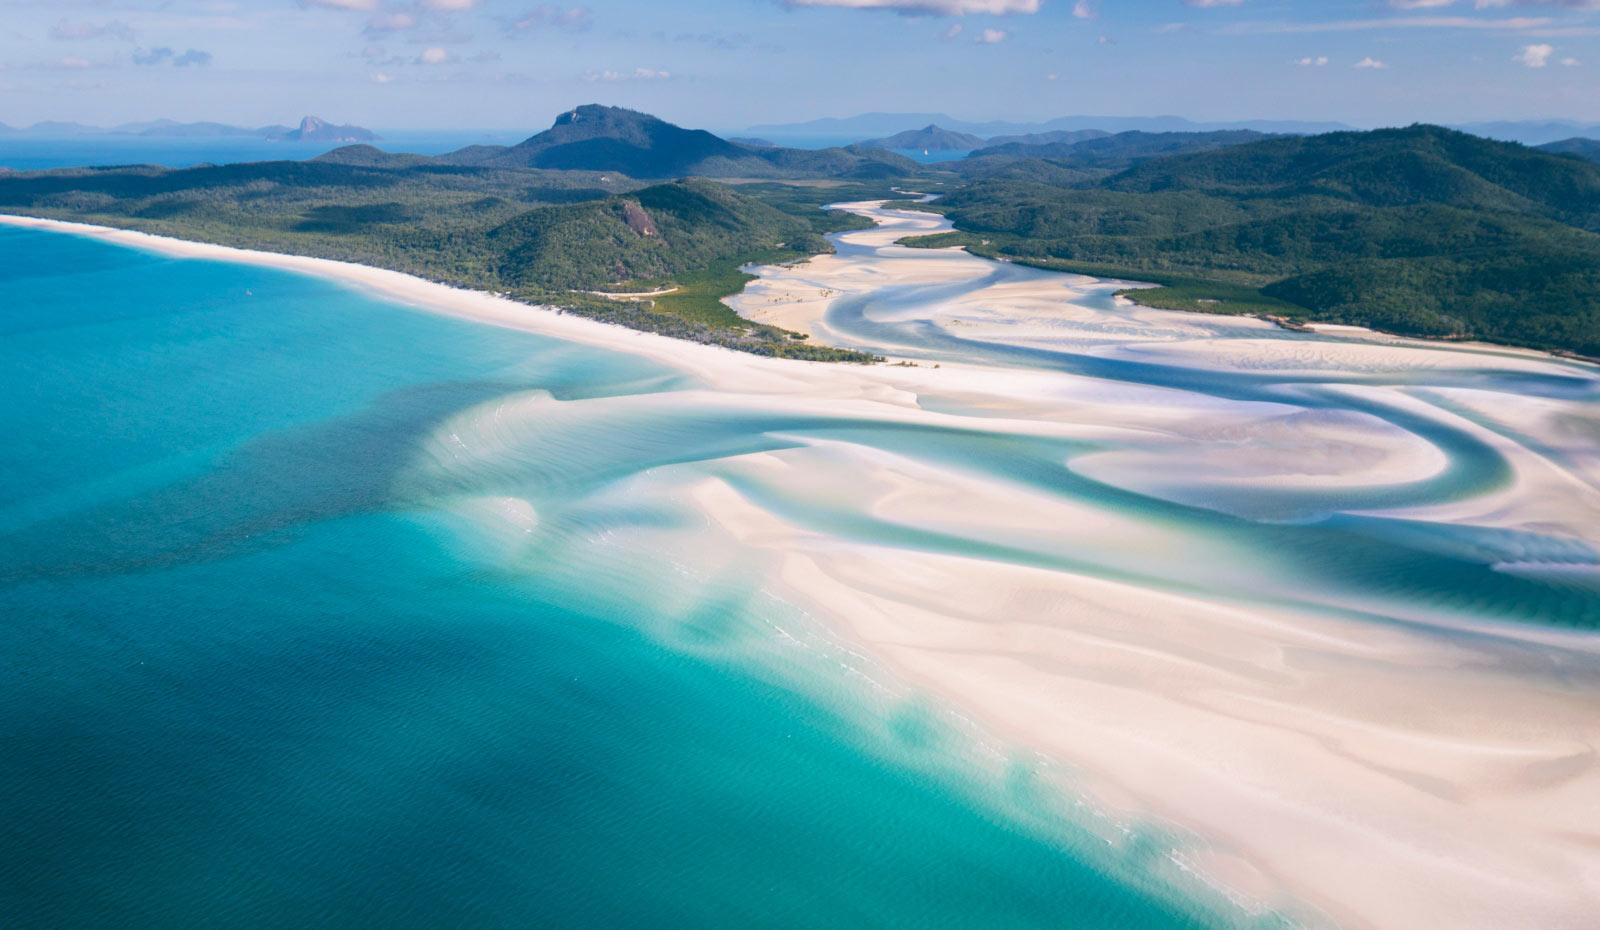 Australia Whitsundays Islands